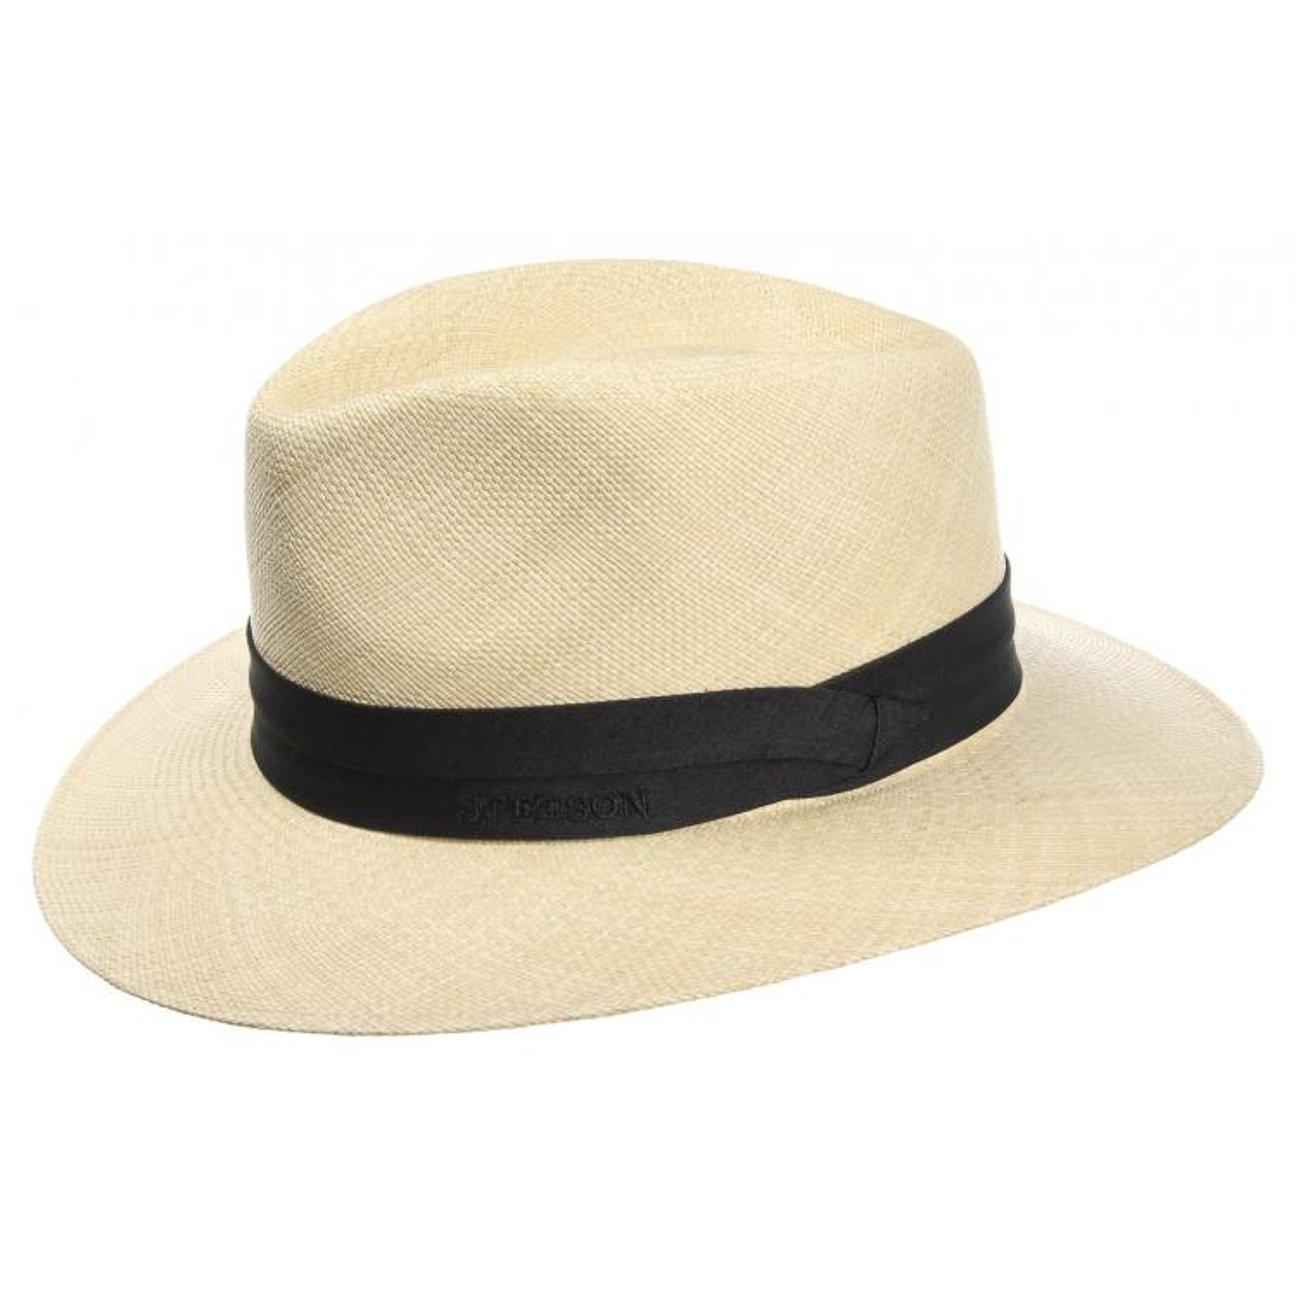 Stetson Sombrero Panamá Jefferson Hombre - Made in Ecuador ...